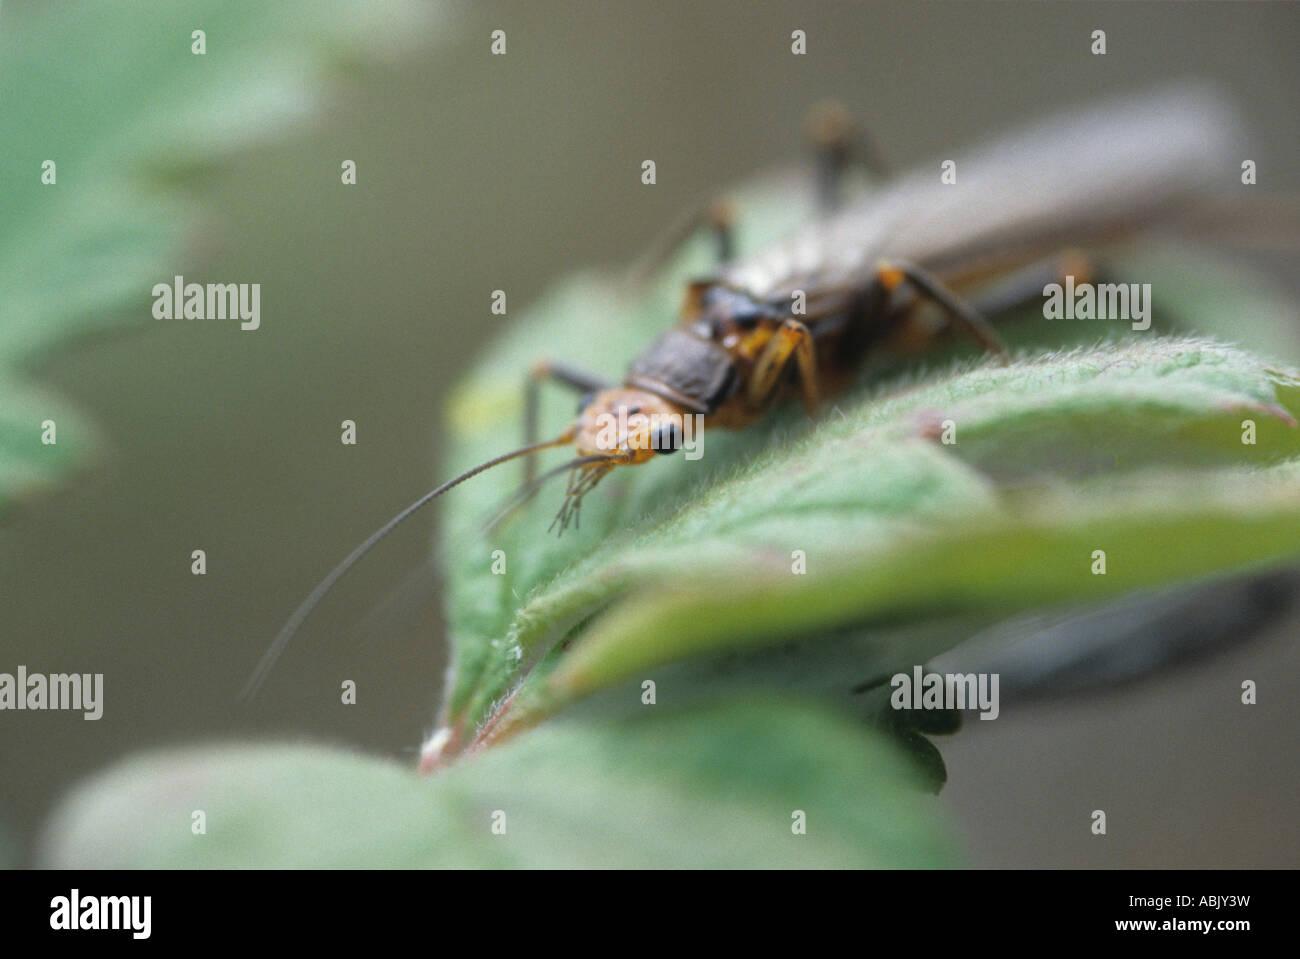 Stonefly resting on leaf - Stock Image